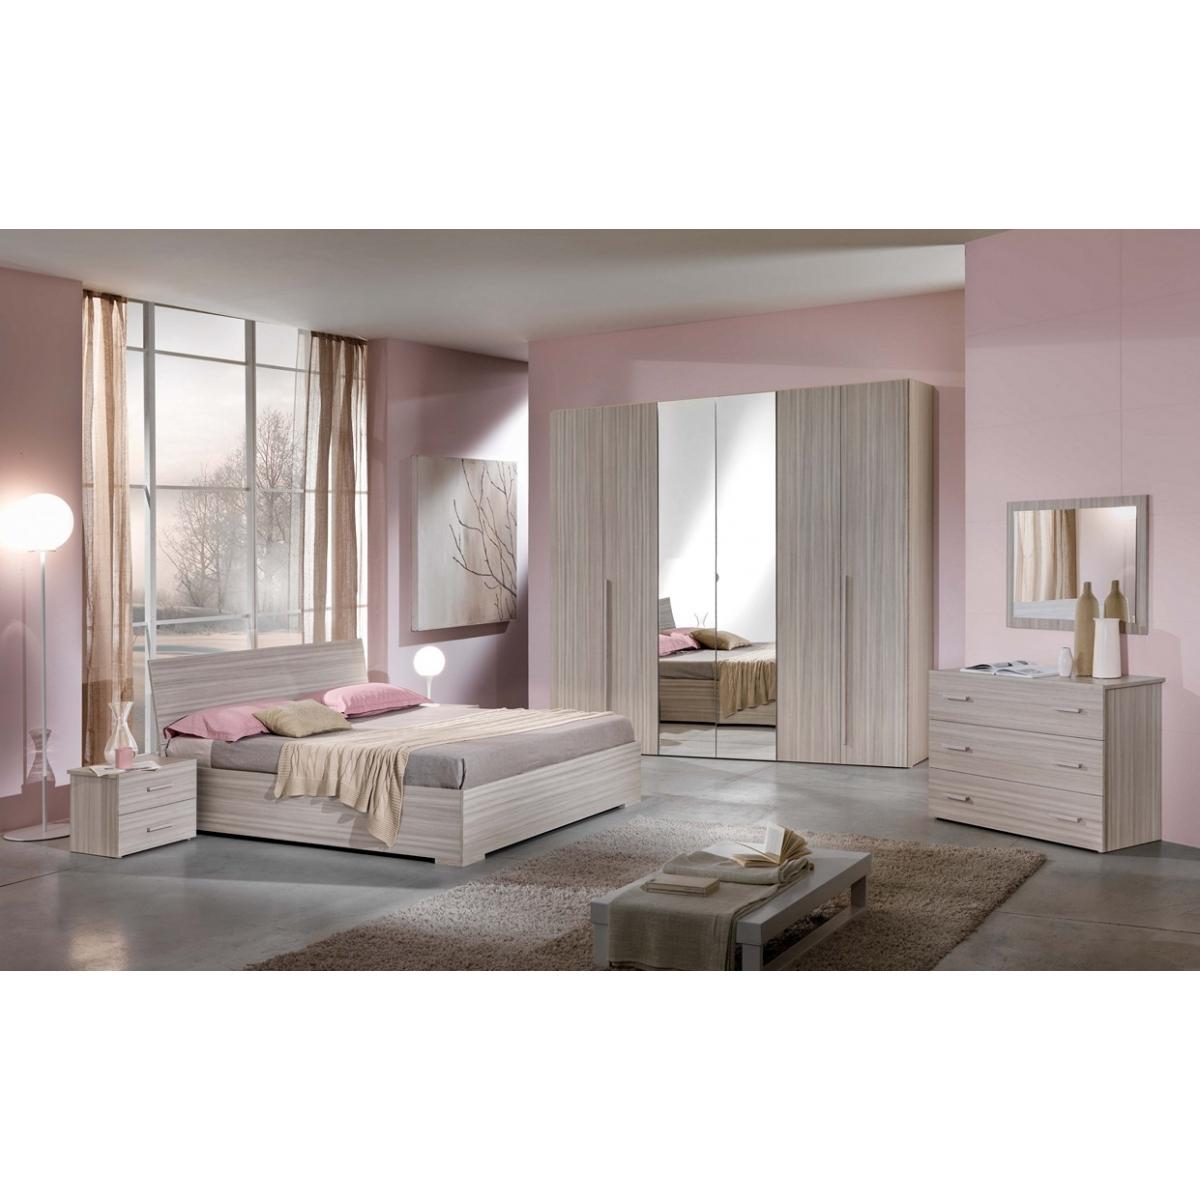 811 camera da letto larice visage con letto contenitore - Contenitori Camera Da Letto